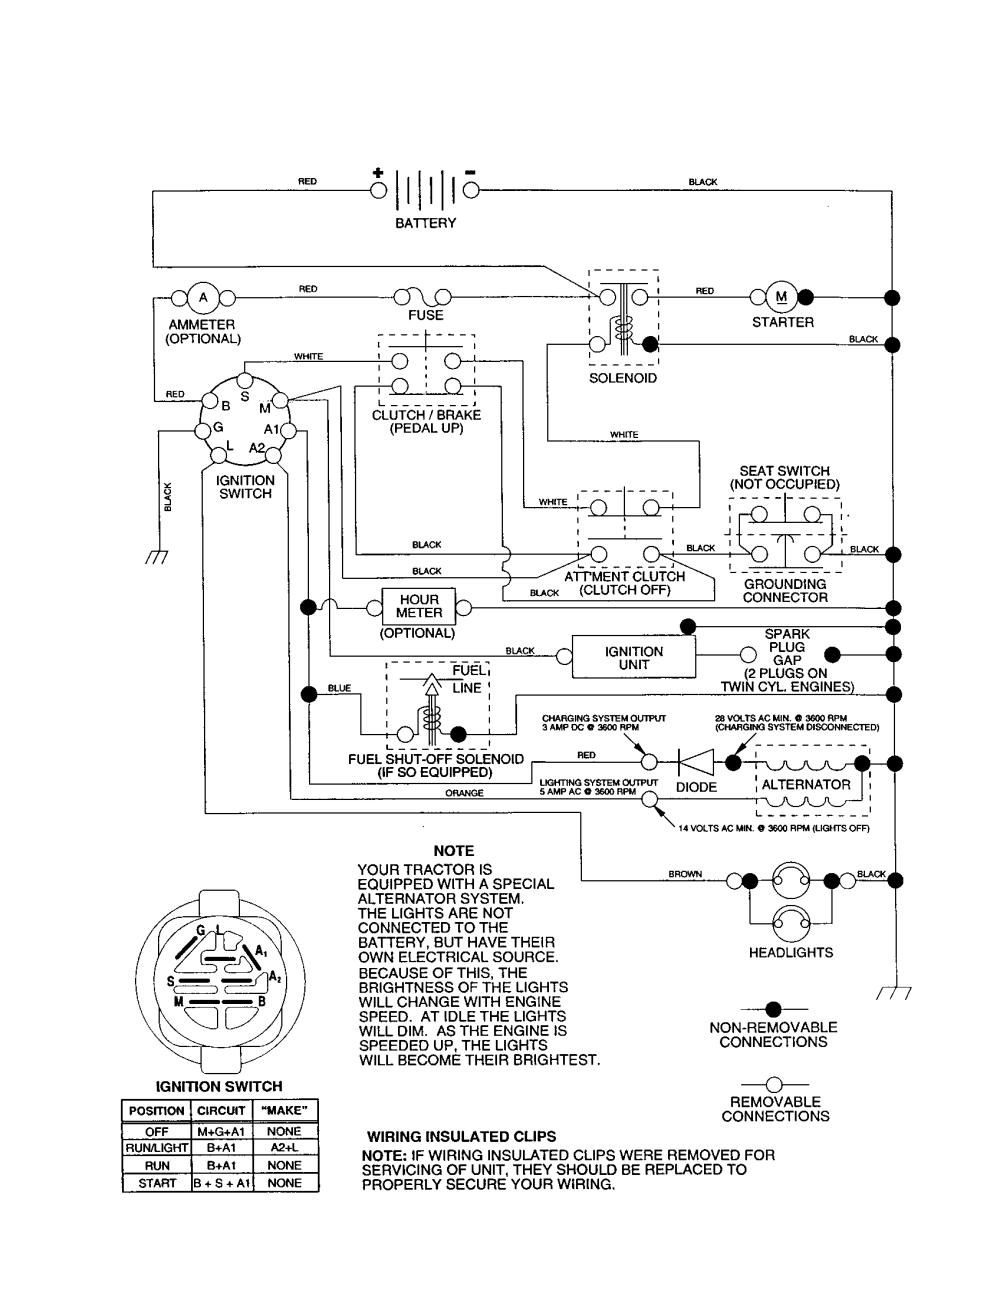 medium resolution of briggs stratton 311707 0125 e1 schematic diagram